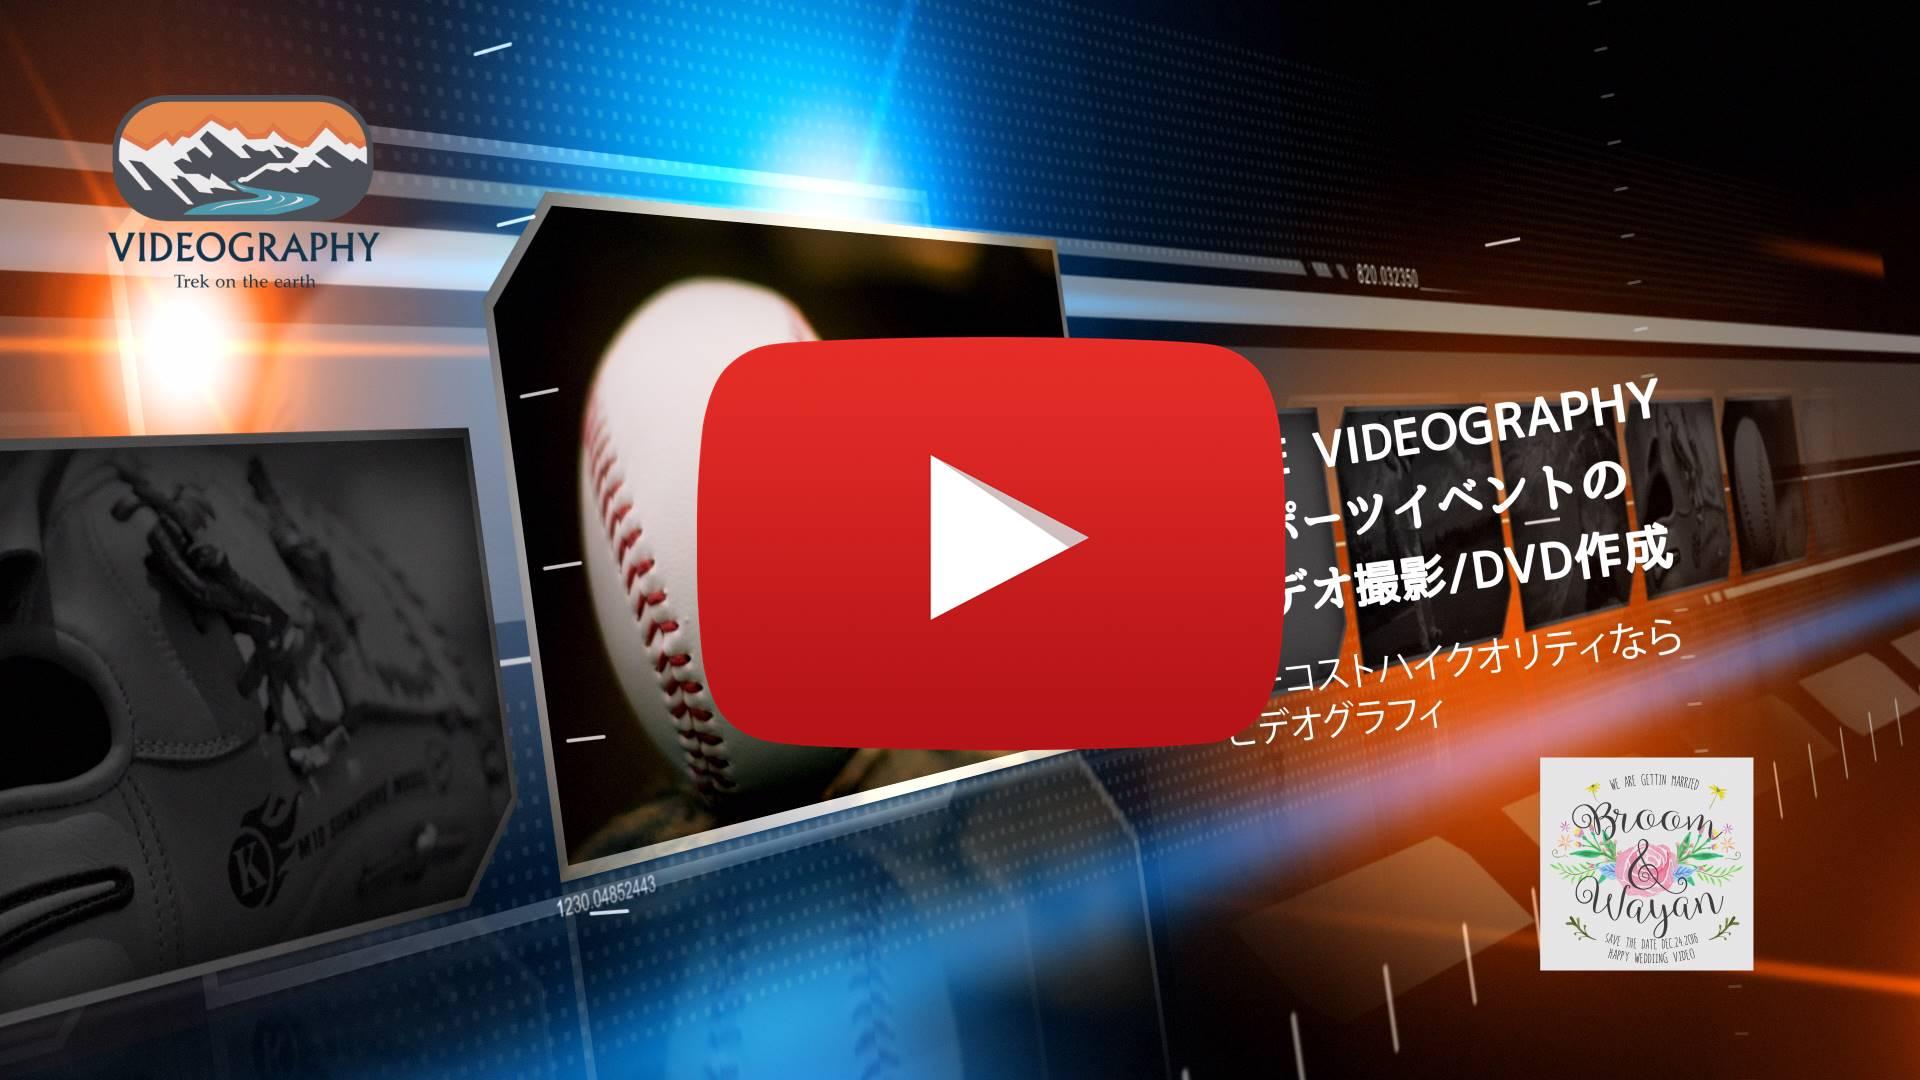 ビデオグラフィ- 映像制作 ビデオ撮影 映像編集 DVD作成。